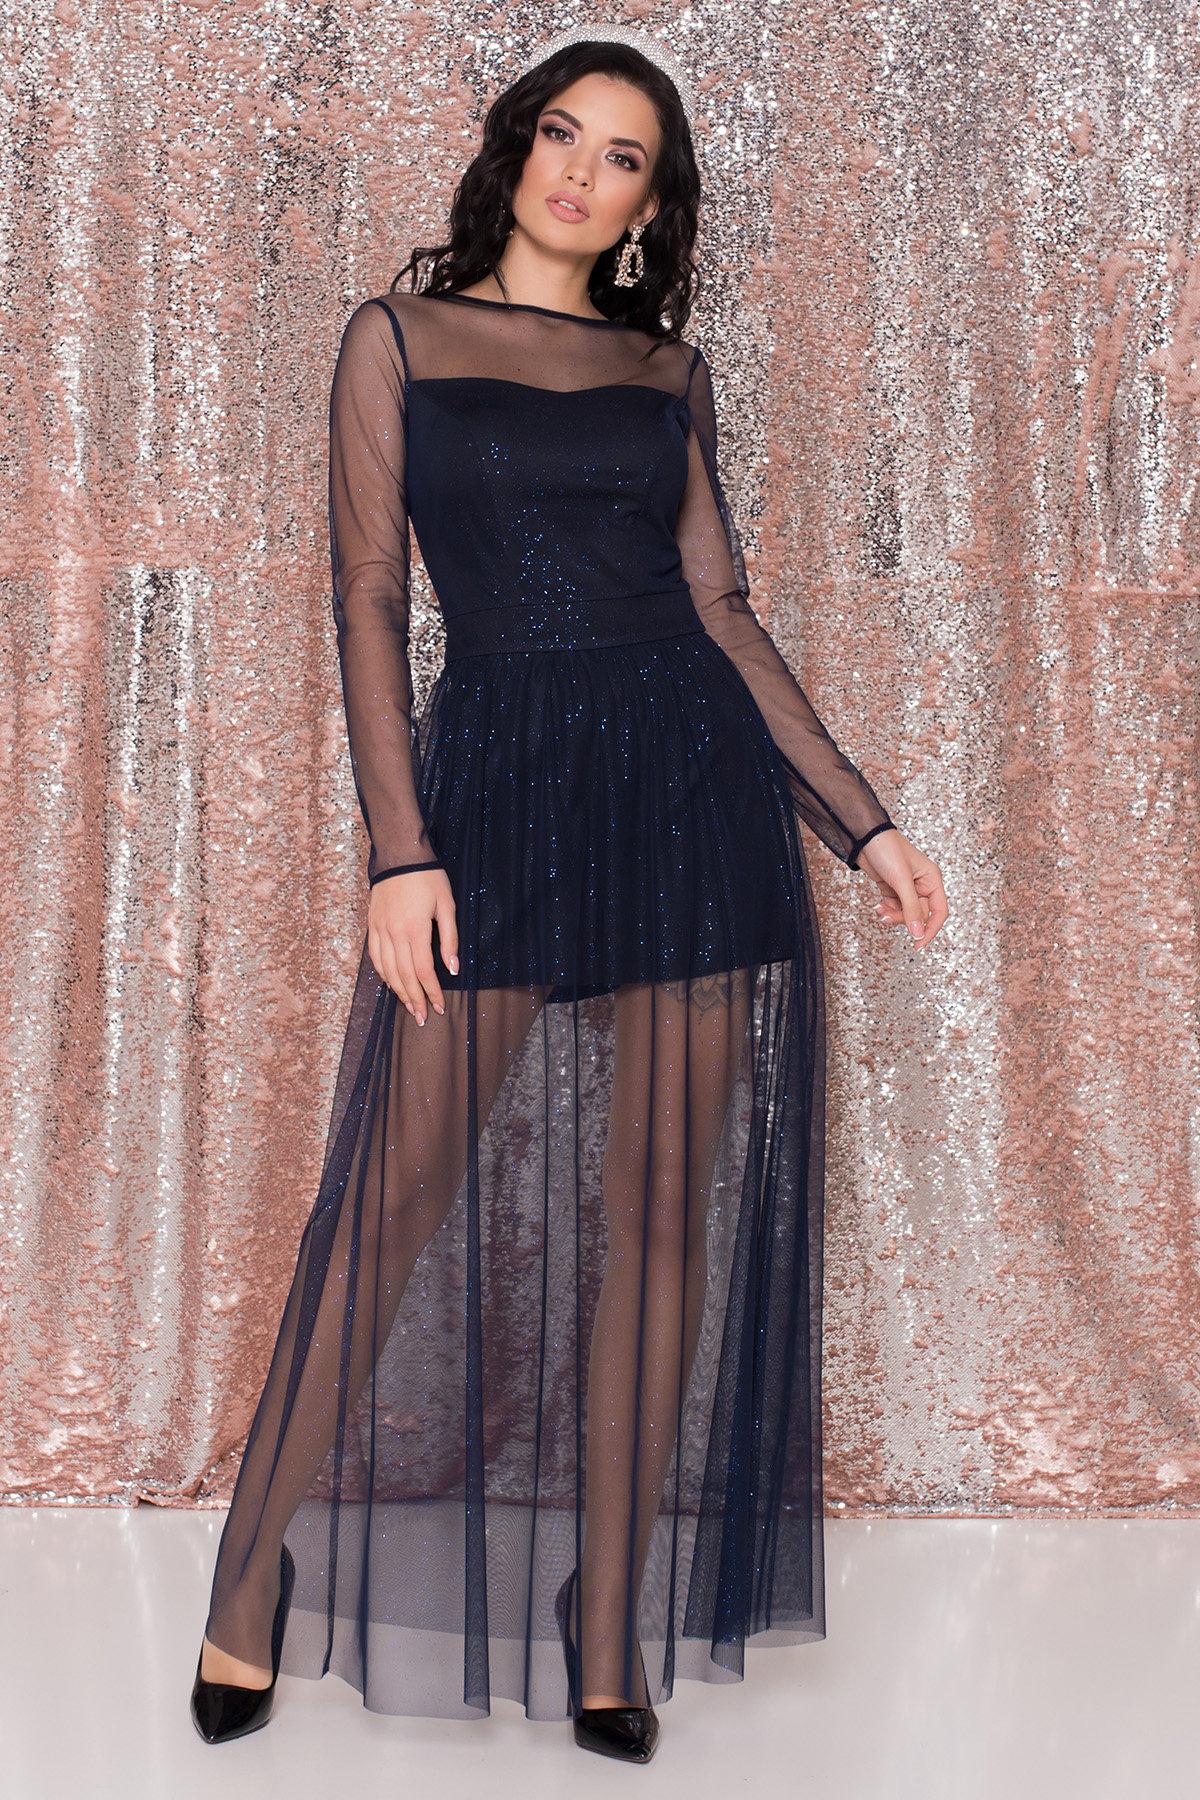 Платье-комбинезон Астия 8556 АРТ. 44951 Цвет: Черный/т.синий/электрик - фото 1, интернет магазин tm-modus.ru